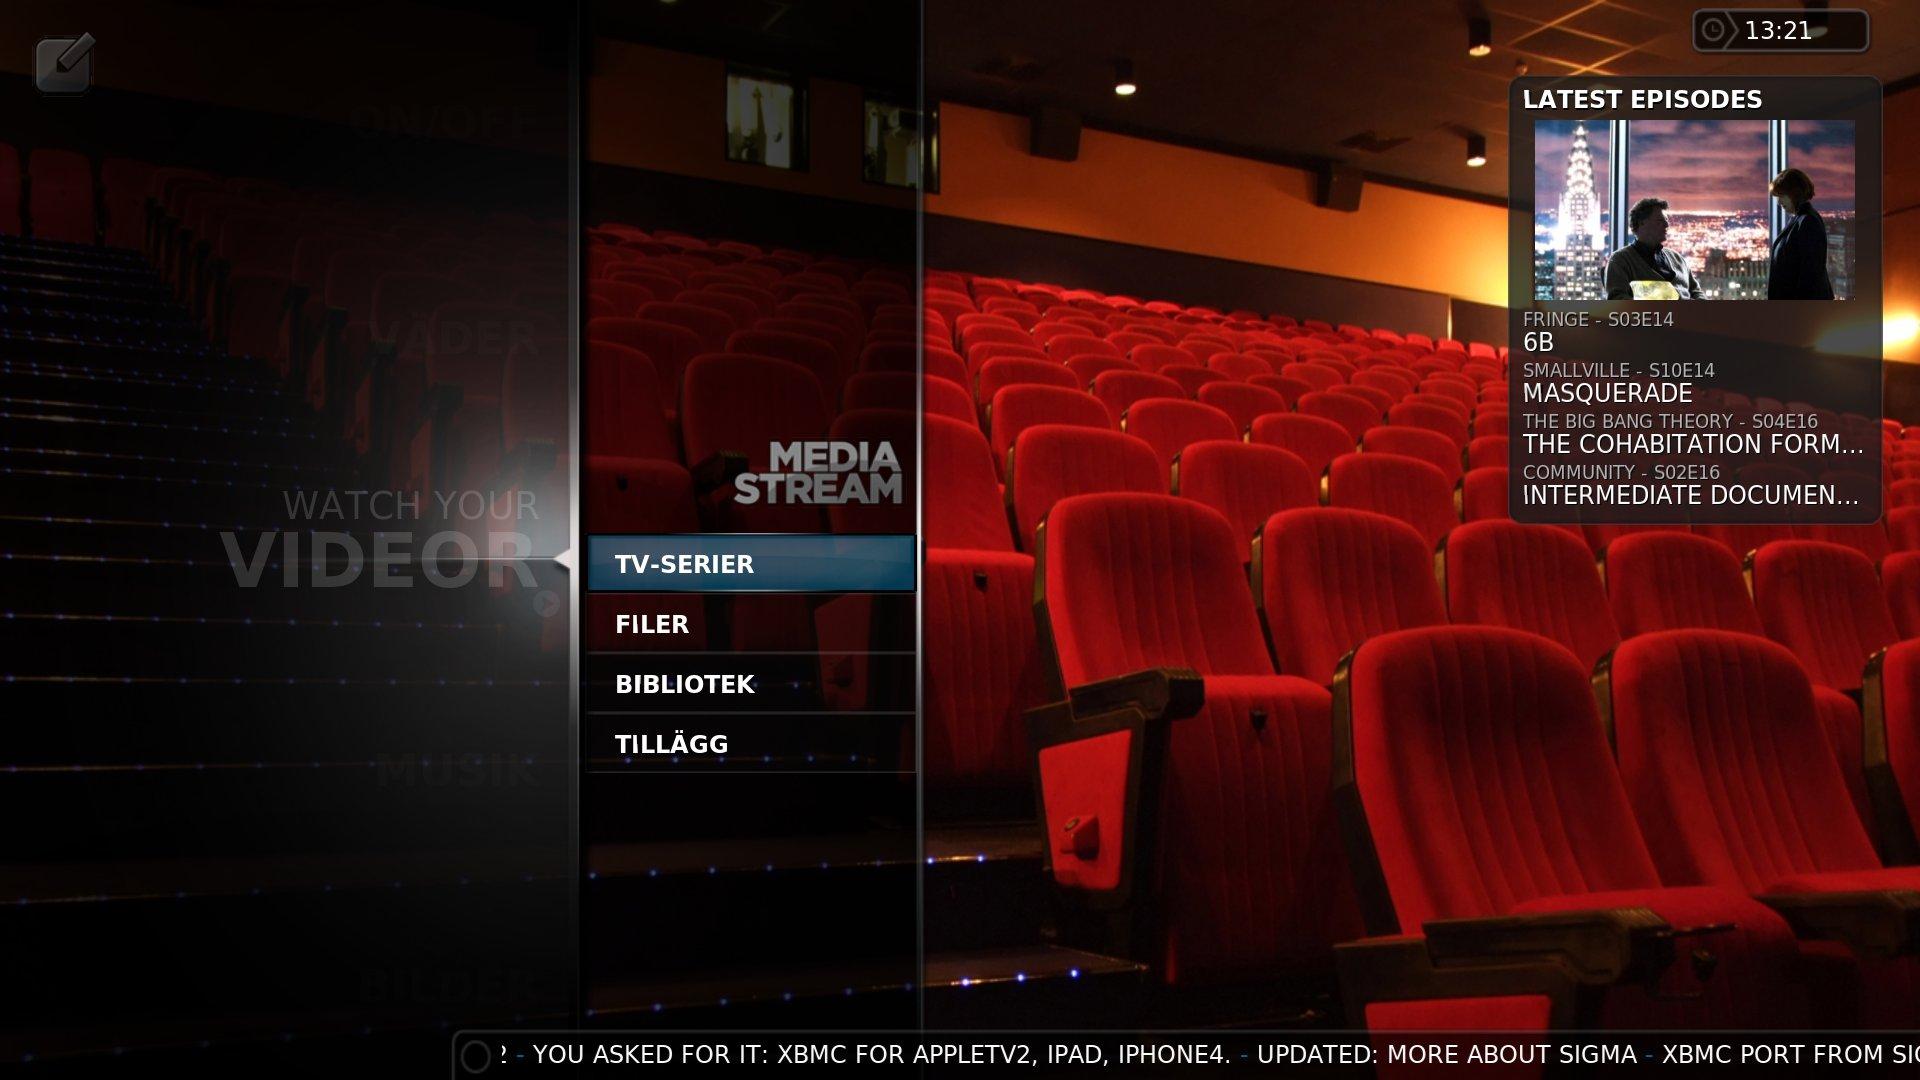 mediatv1